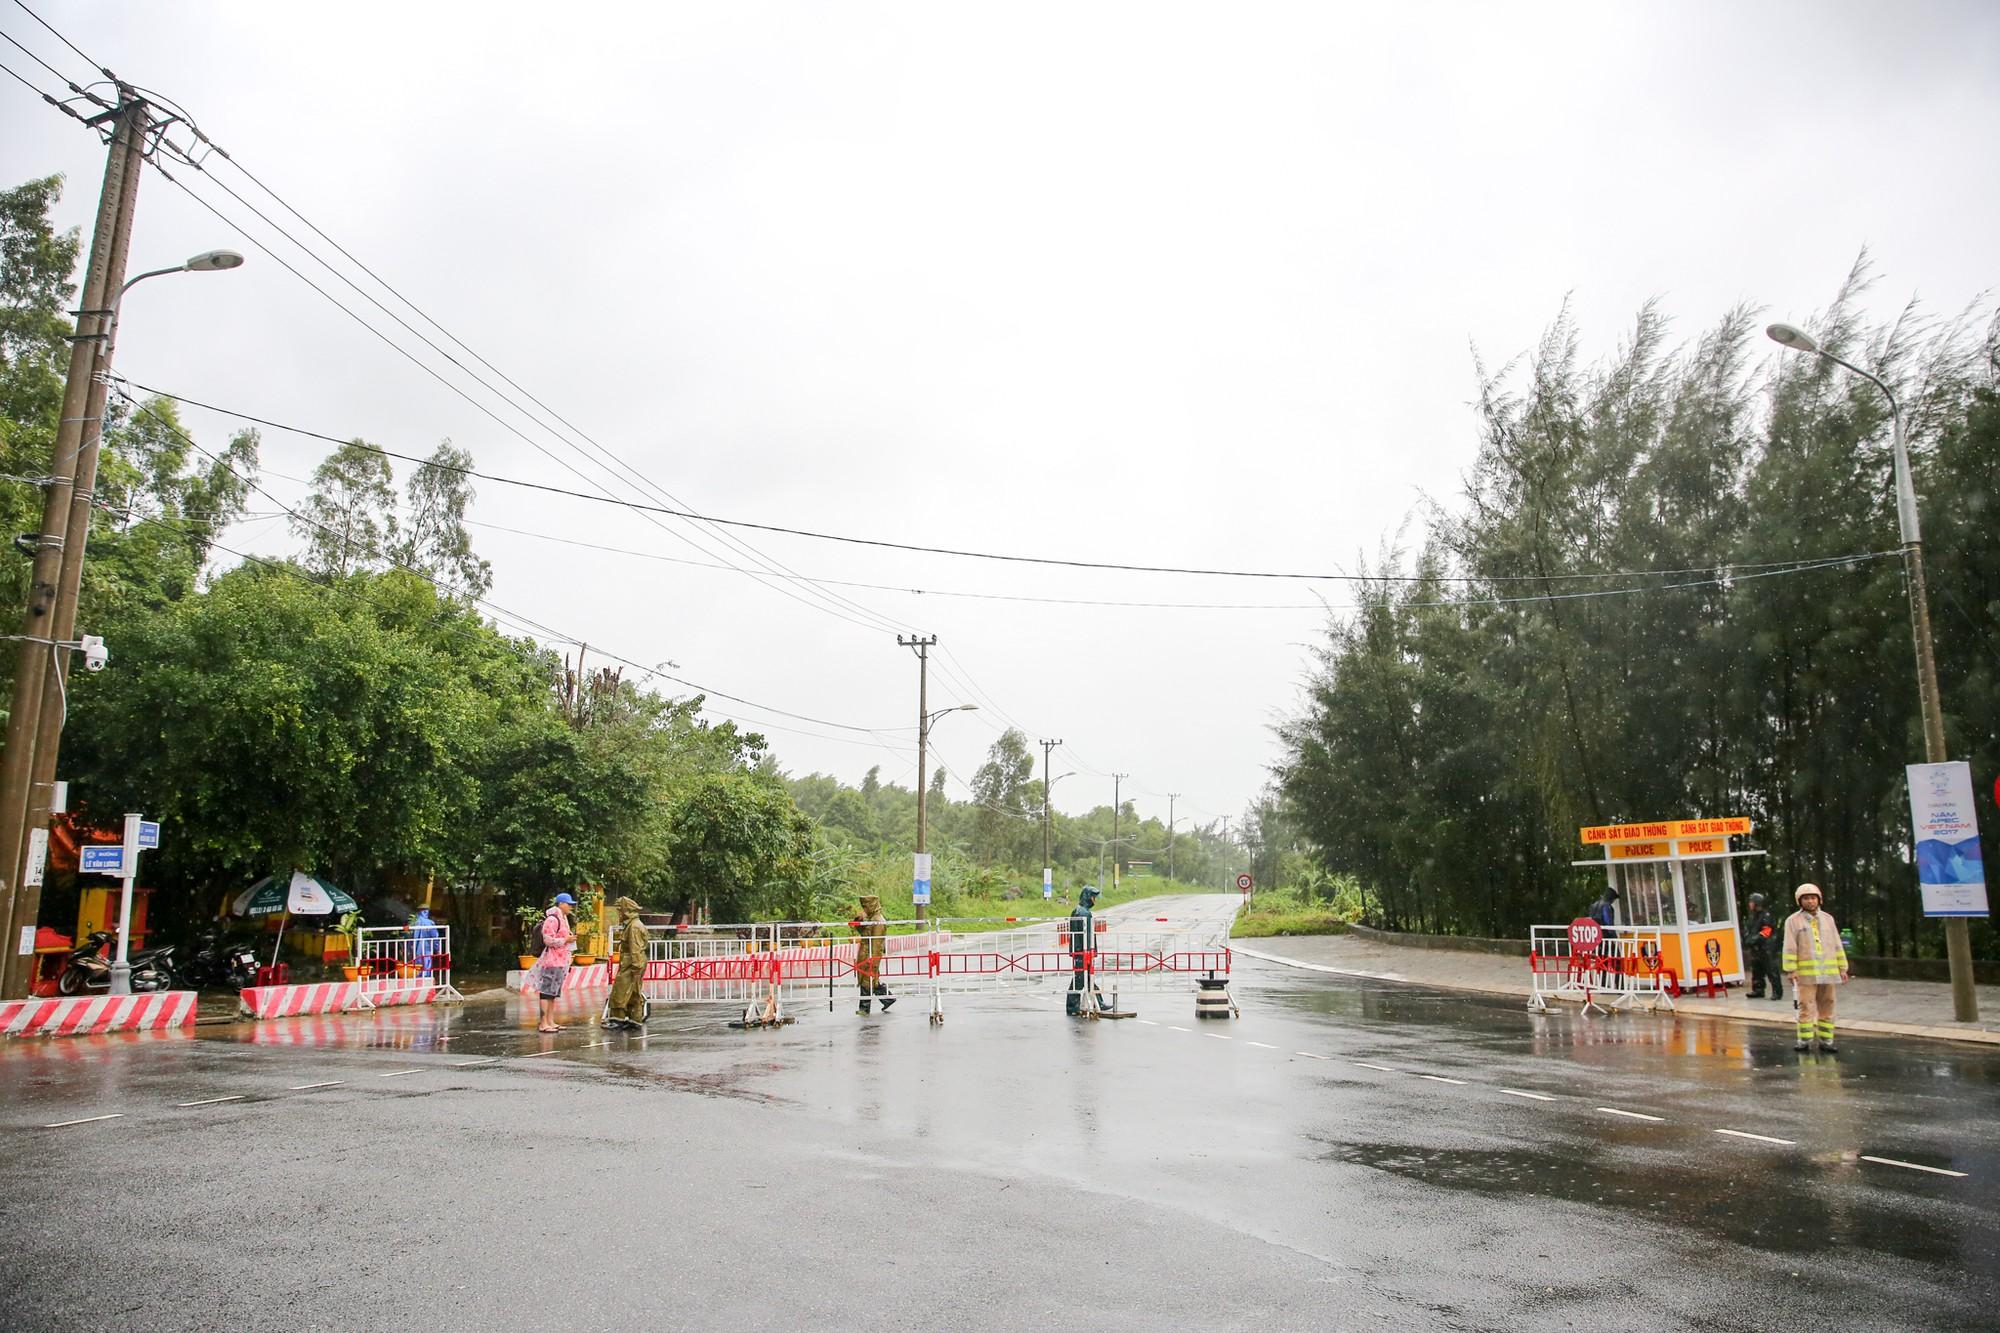 [PHOTO ESSAY] Toàn cảnh Đà Nẵng: Chạy đua với bão chuẩn bị cho khai mạc APEC - Ảnh 14.